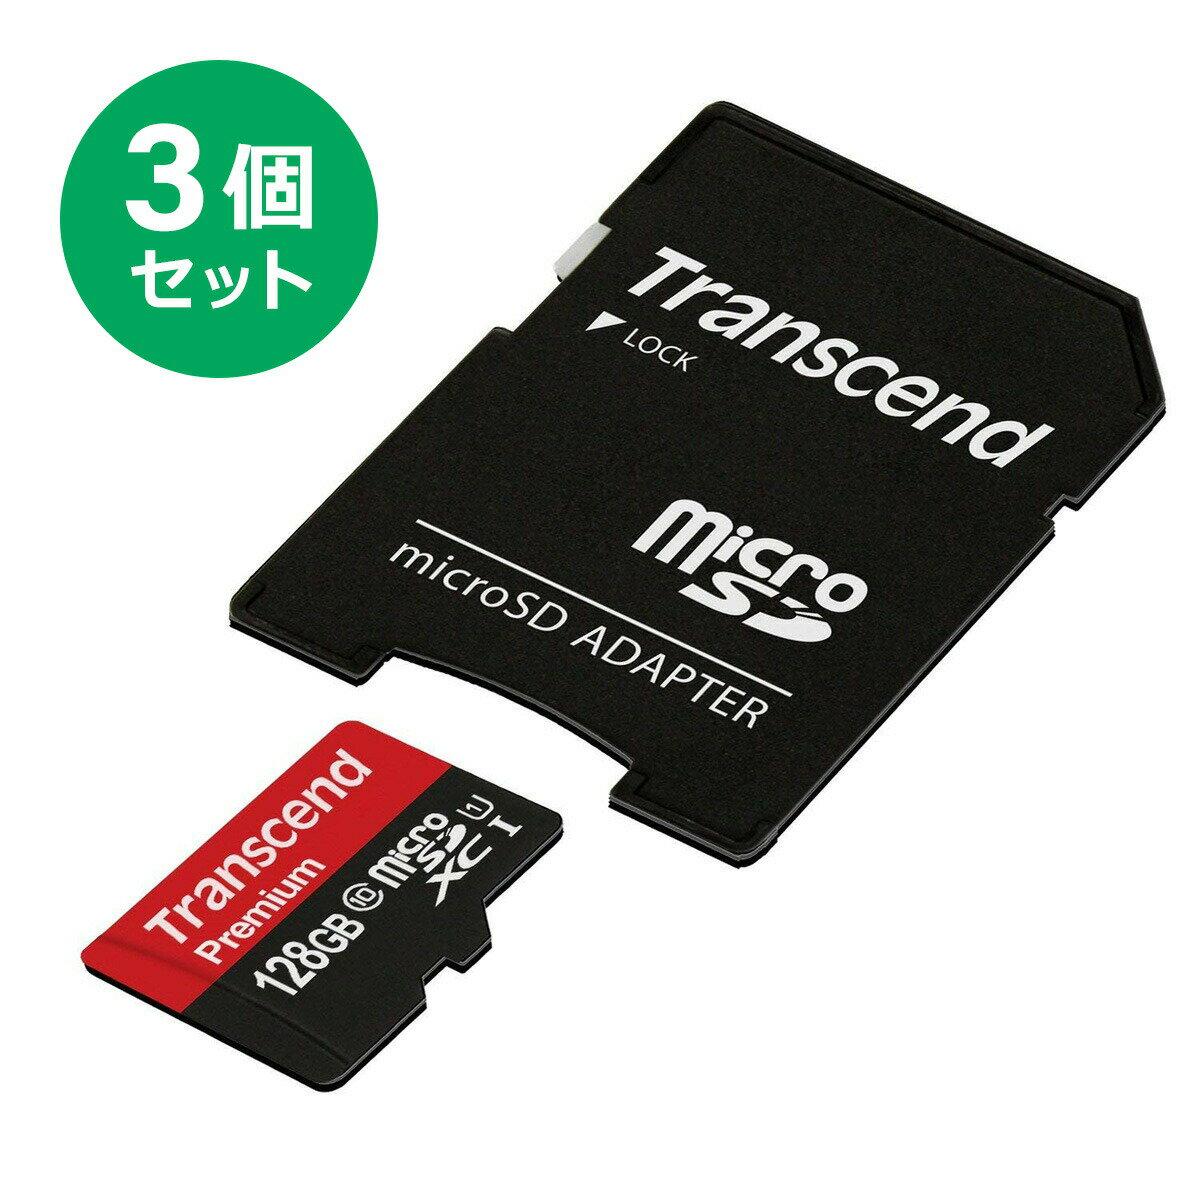 【1月17日値下げしました】【まとめ割 3個セット】Transcend microSDカード 128GB Class10 UHS-1 5年保証 マイクロSD microSDXC SDアダプタ付 最大転送速度60MB/s 400x クラス10 入学 卒業[TS128GUSDU1]【ネコポス専用】【送料無料】